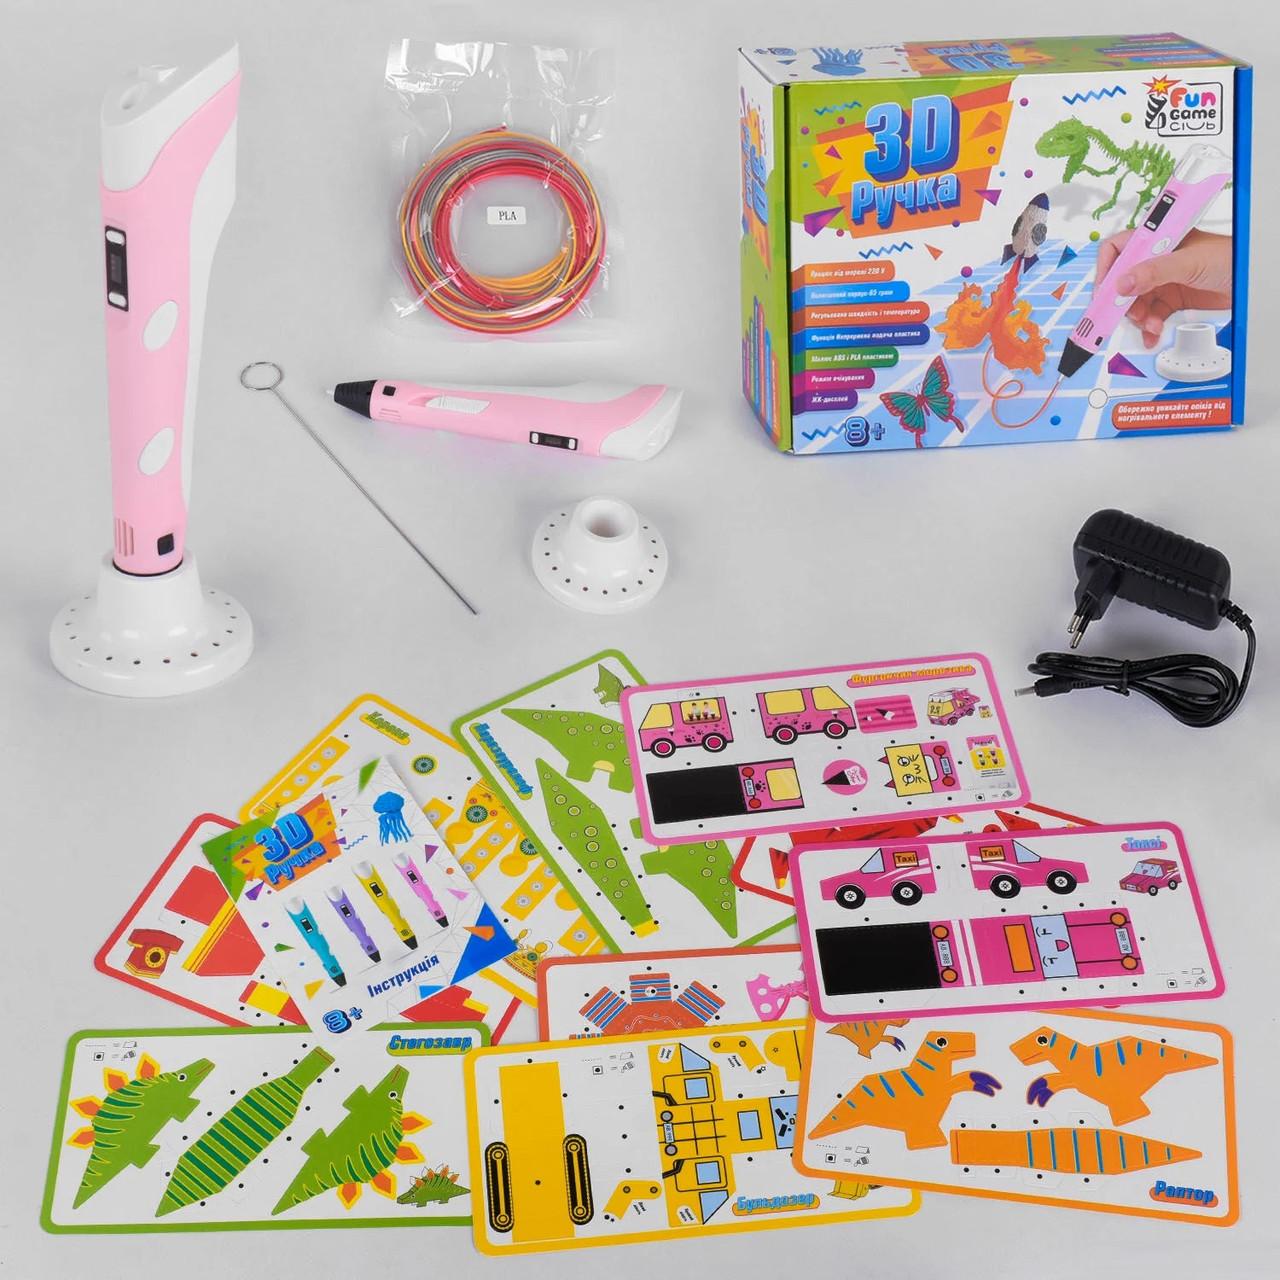 Дитяча 3D ручка для малювання FUN GAME 7424 (2 кольори)